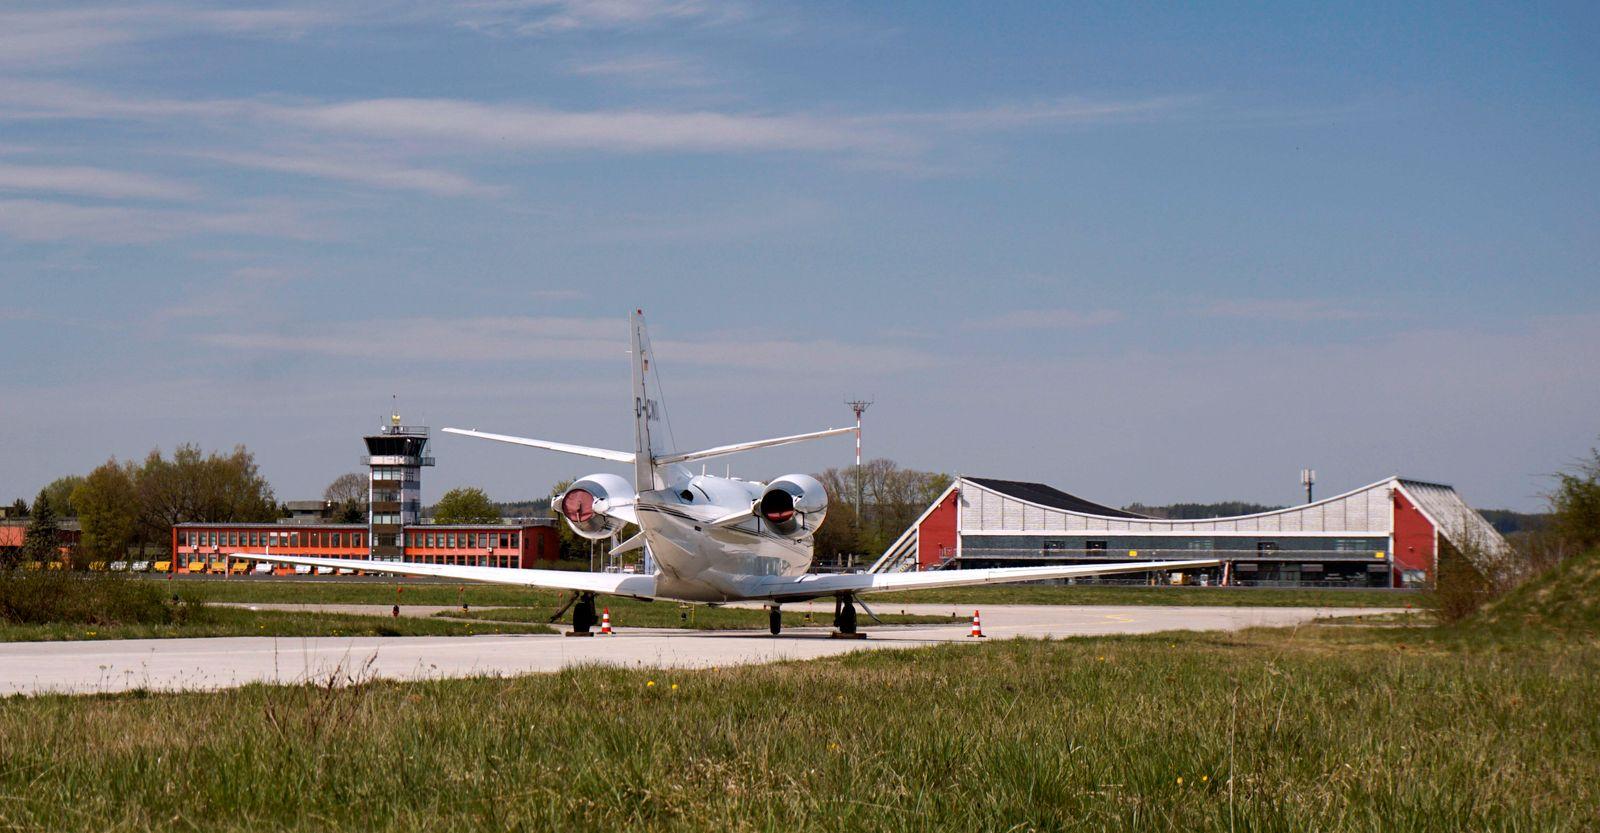 17.04.2020, Allg?u-Airport Memmingen, Cessna Privatjet parkt am Rande, hinten der Tower f¸r die Fluglotsen, wegen der Co